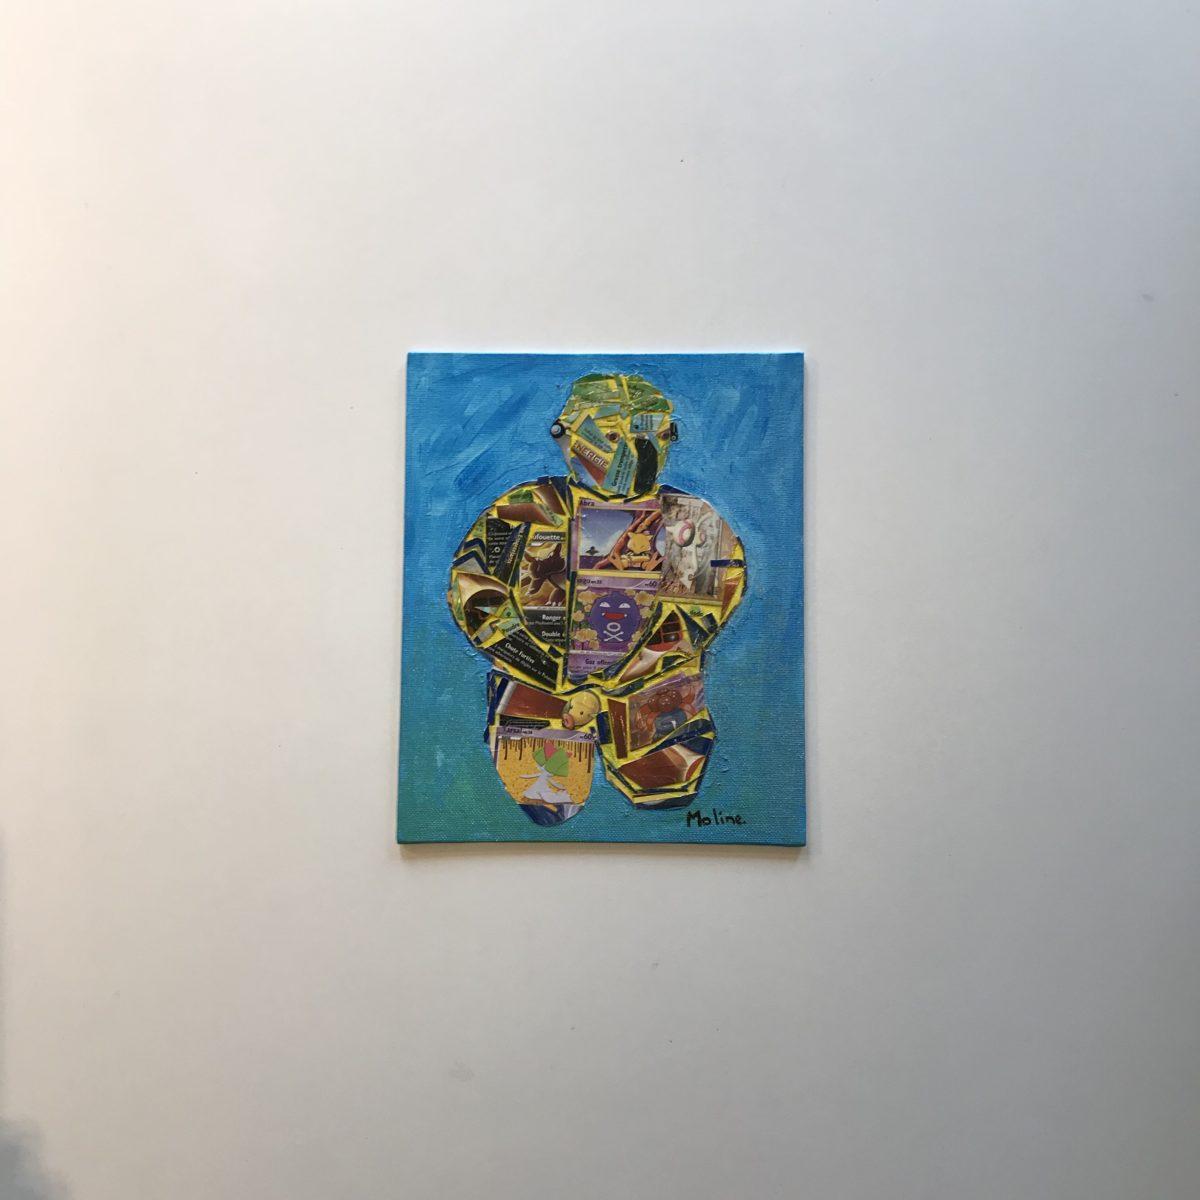 """Toile Pikka Leon faite à partir de carte de la serie Pokémon, découpées et ssemblées pour former l'emblematique """"Leon"""""""